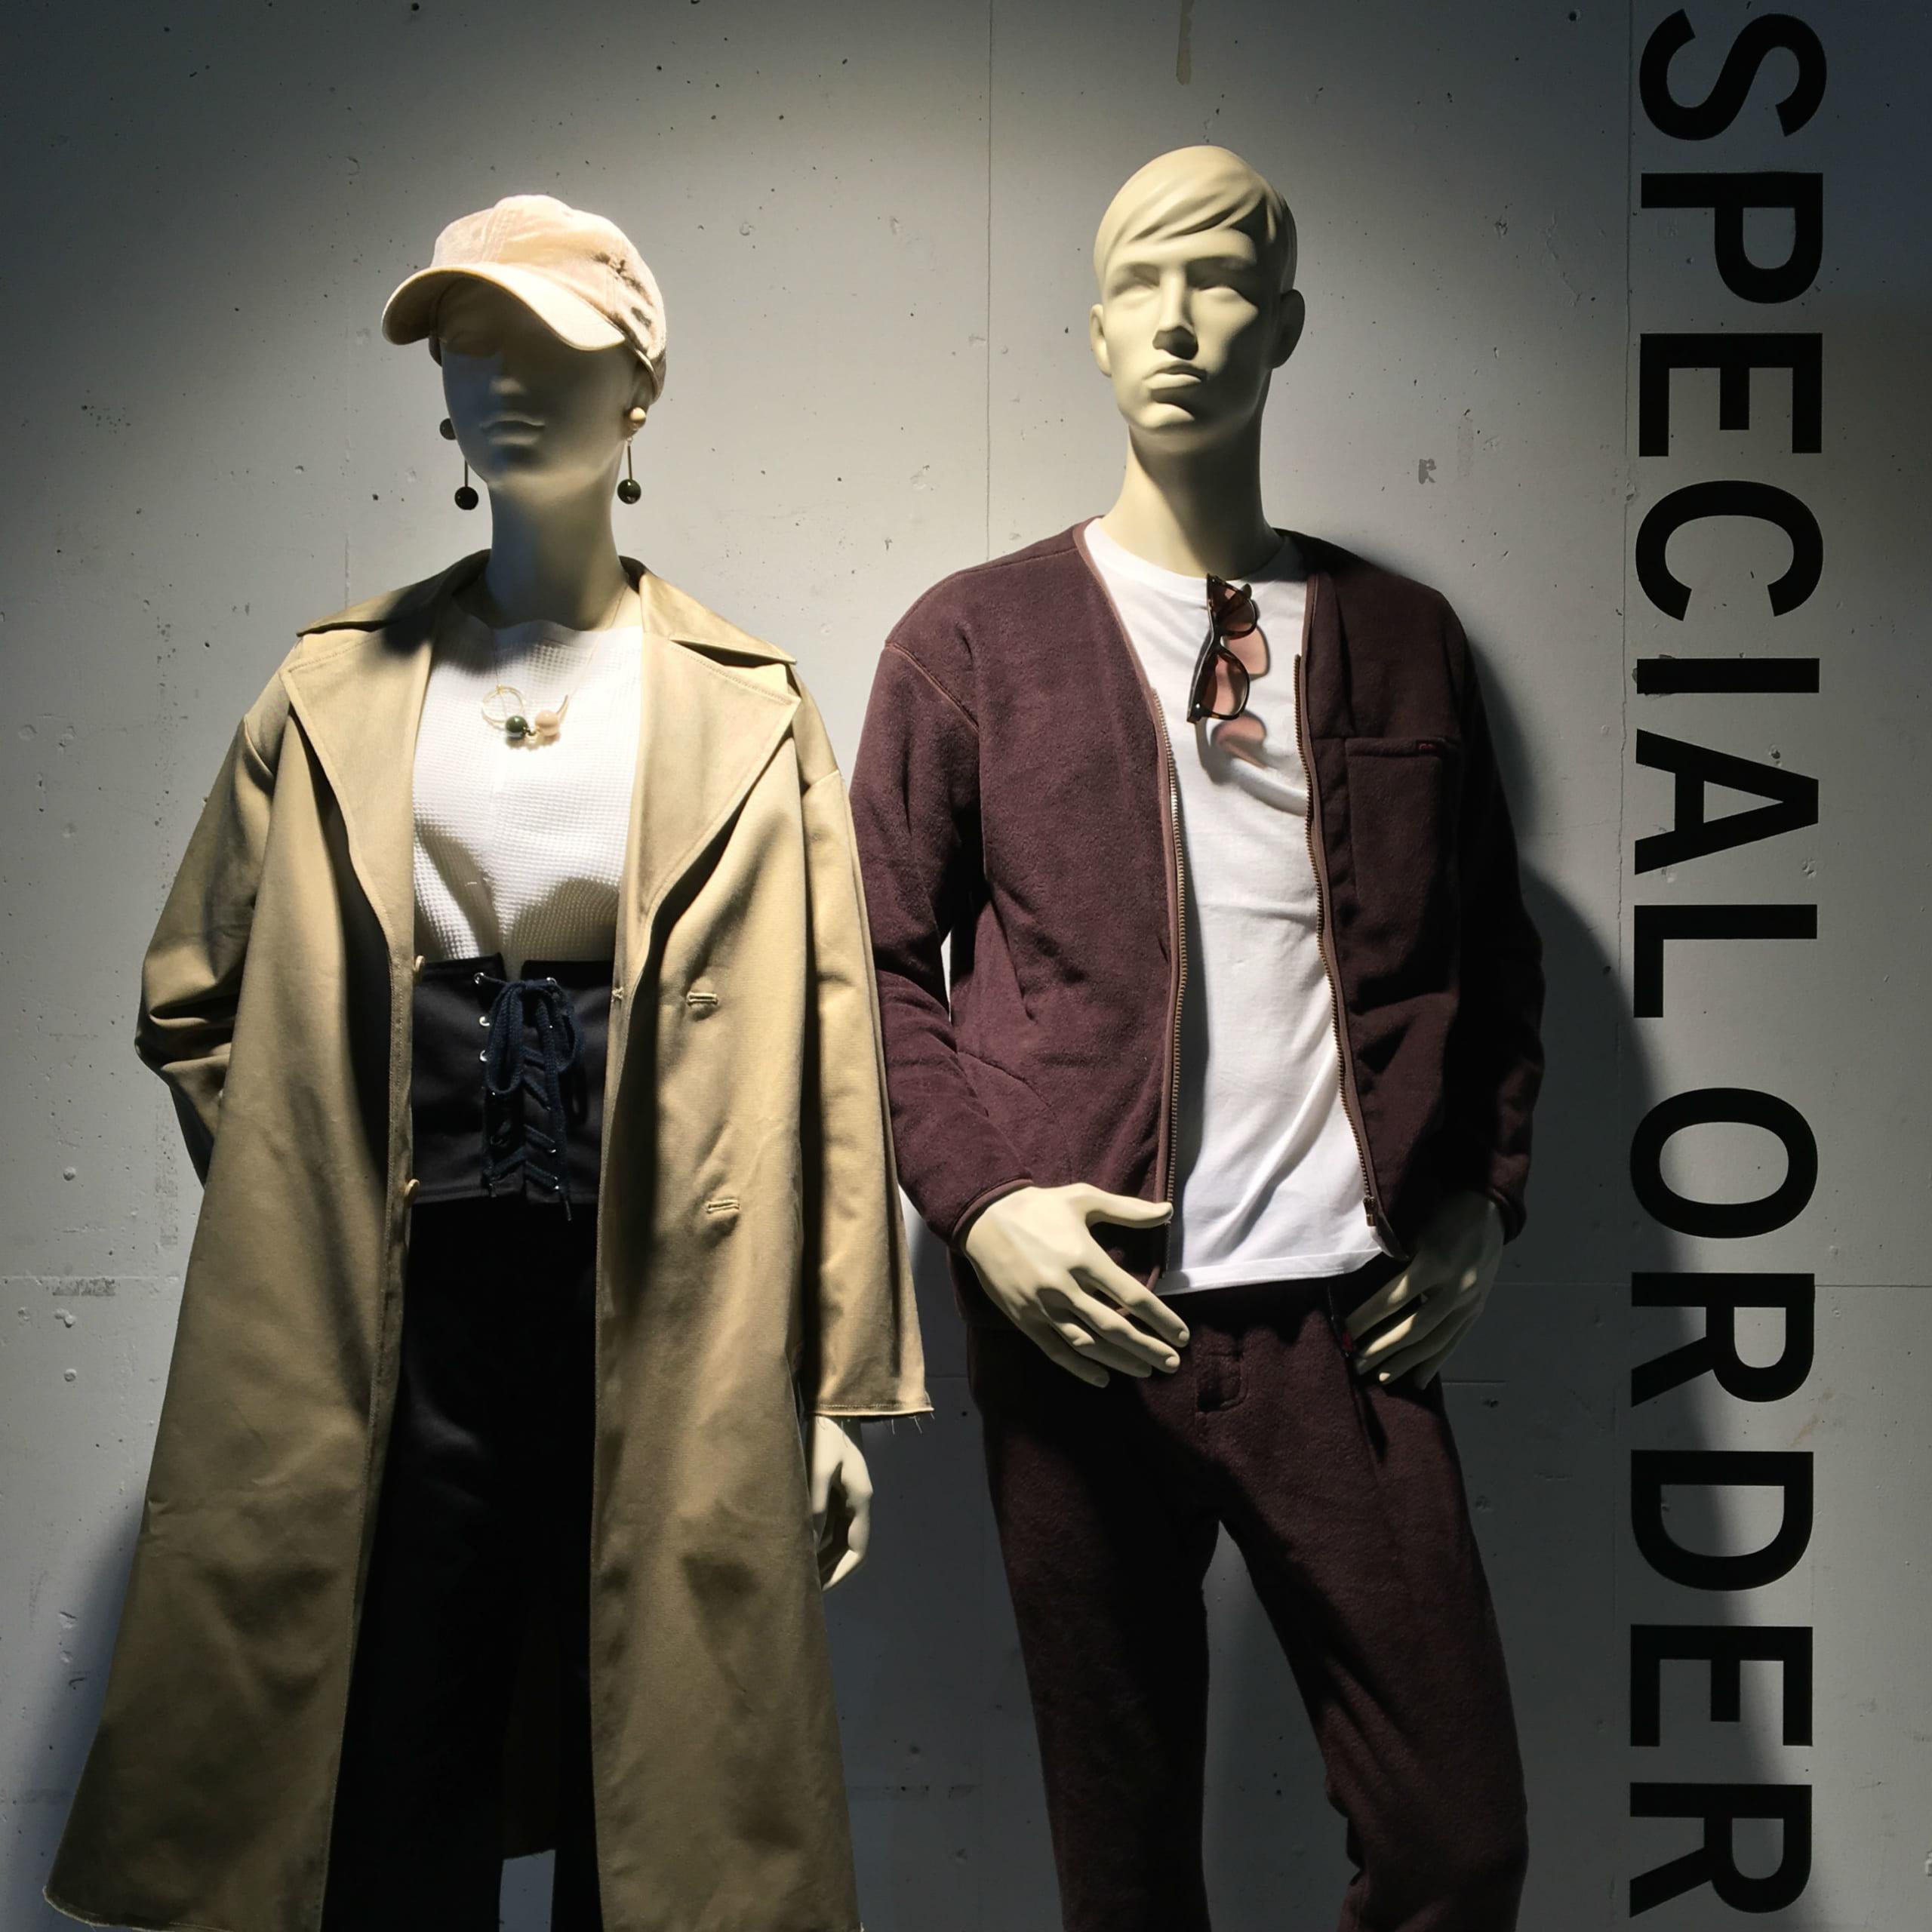 この冬の最新ファッショントレンドをB:MING by BEAMSの写真でこっそりチラ見せ!